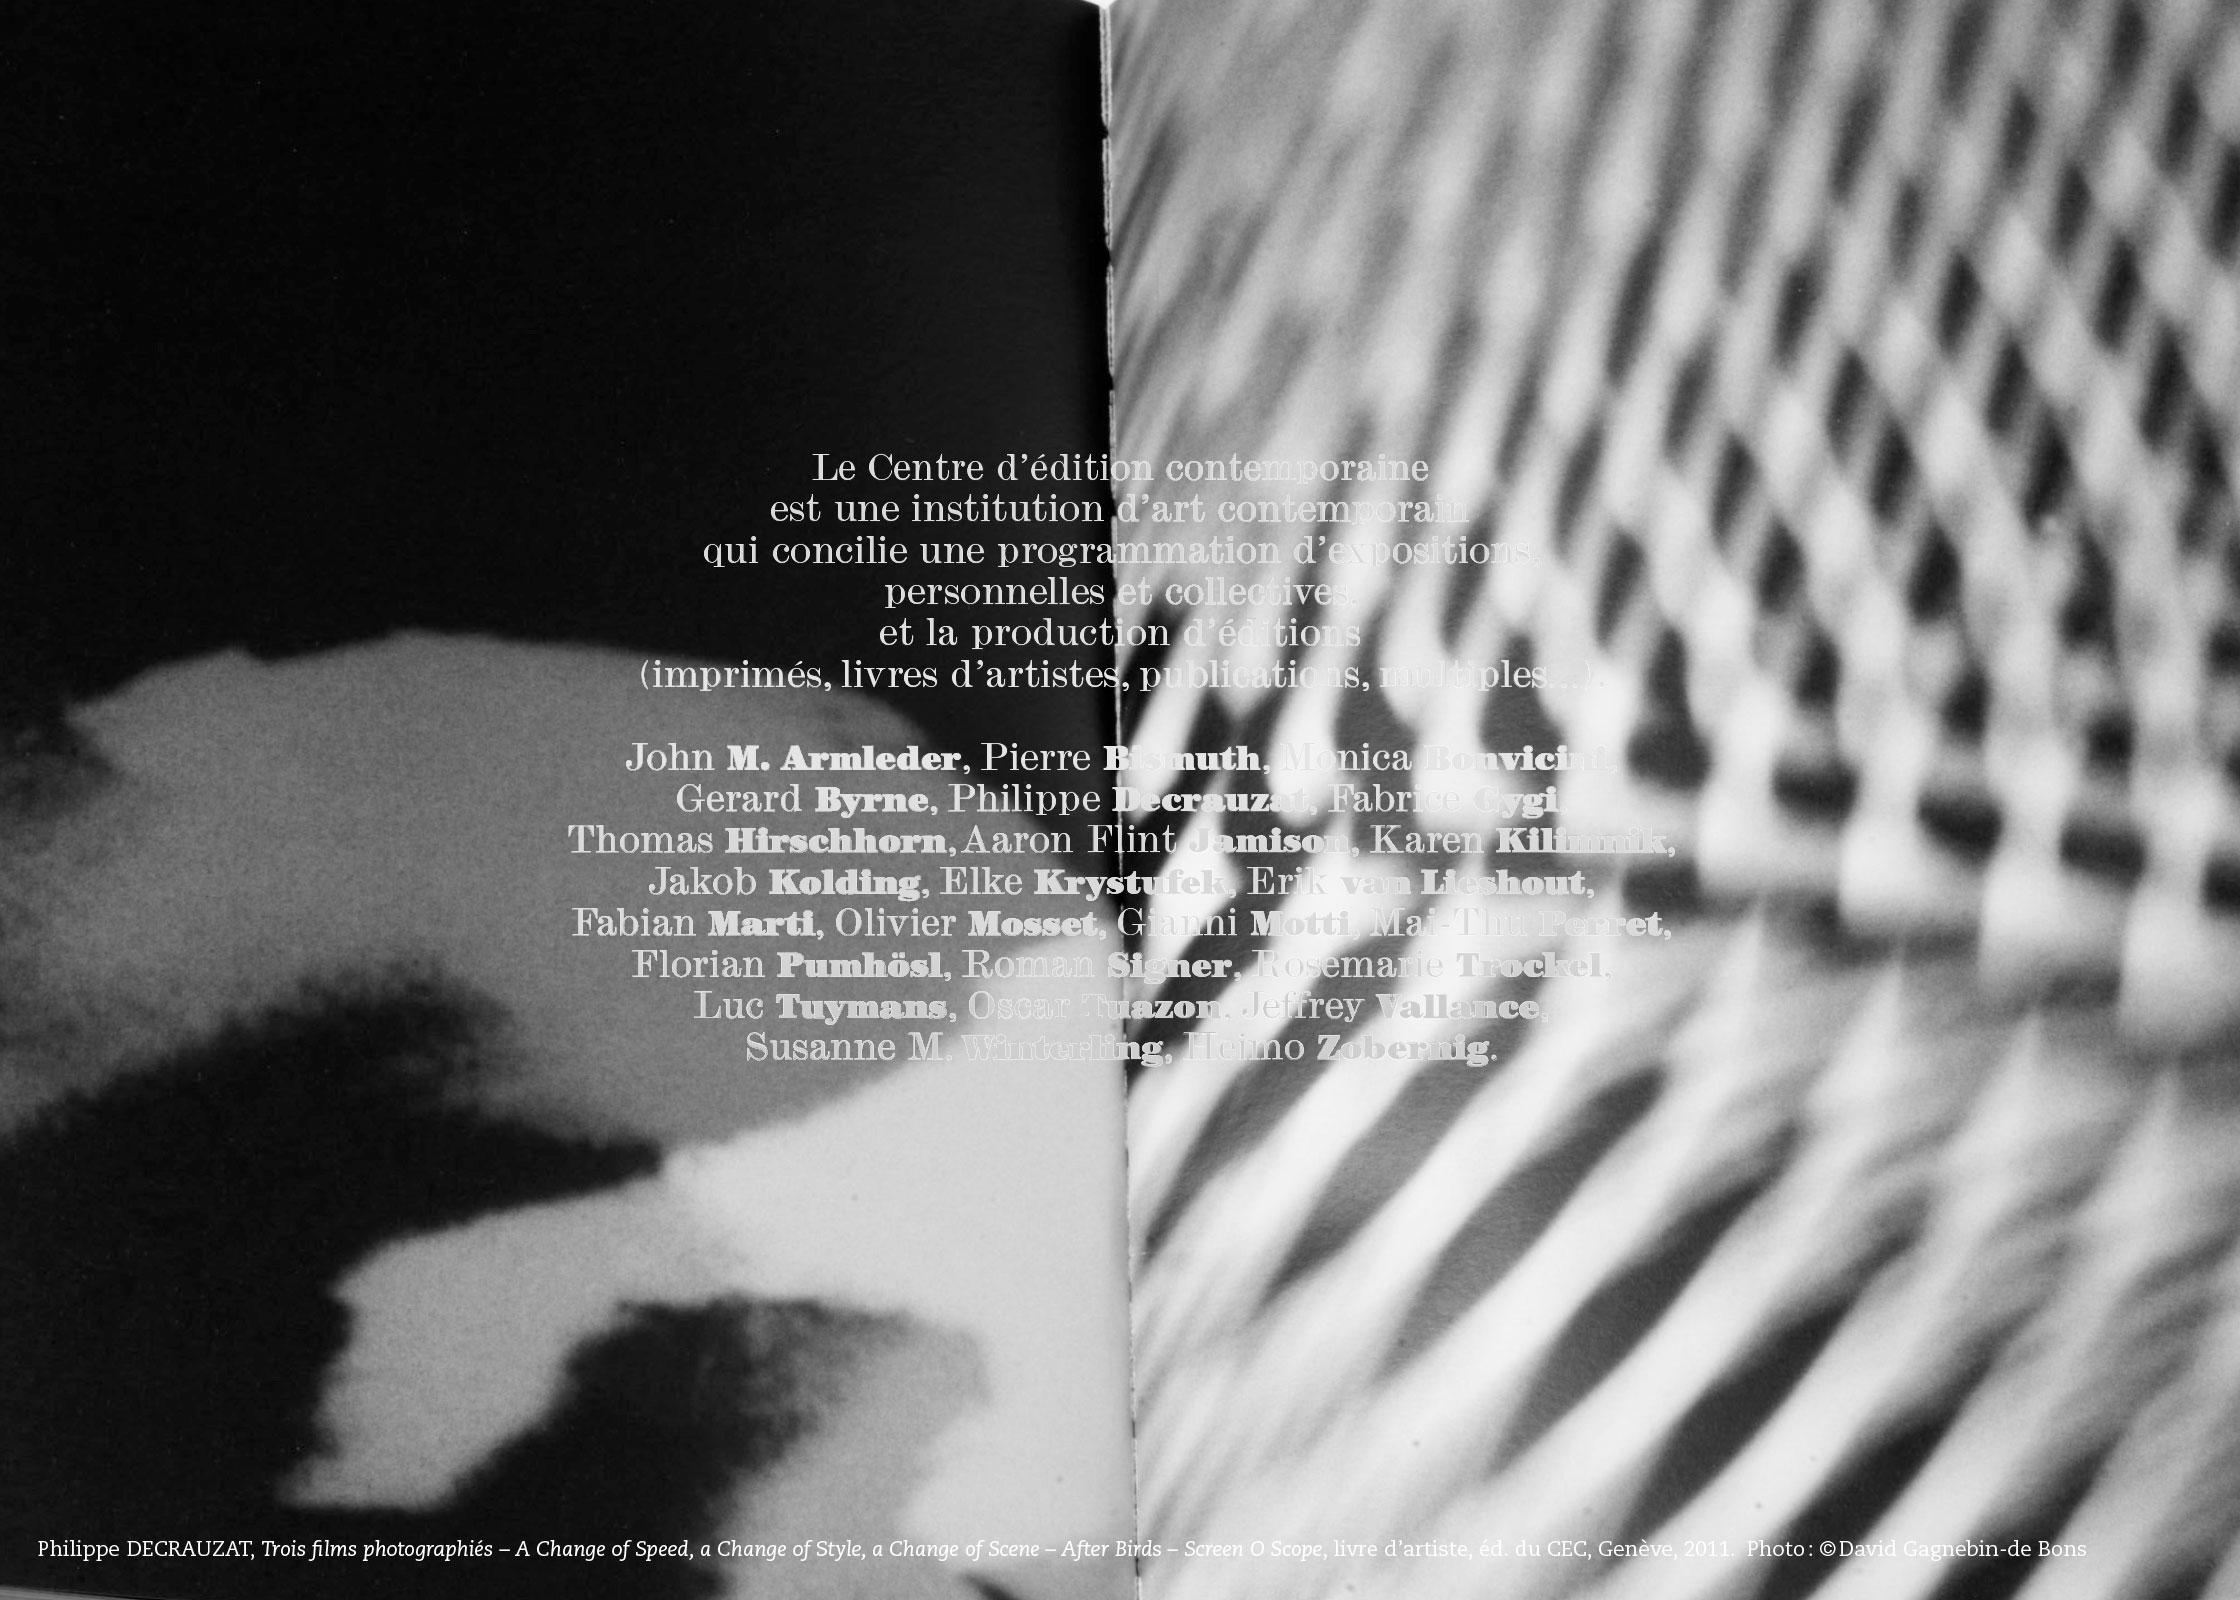 Carte postale de présentation du Centre. Image: double page du livre «Trois films photographiés» de Philippe Decrauzat. En tant que Schönherwehrs.